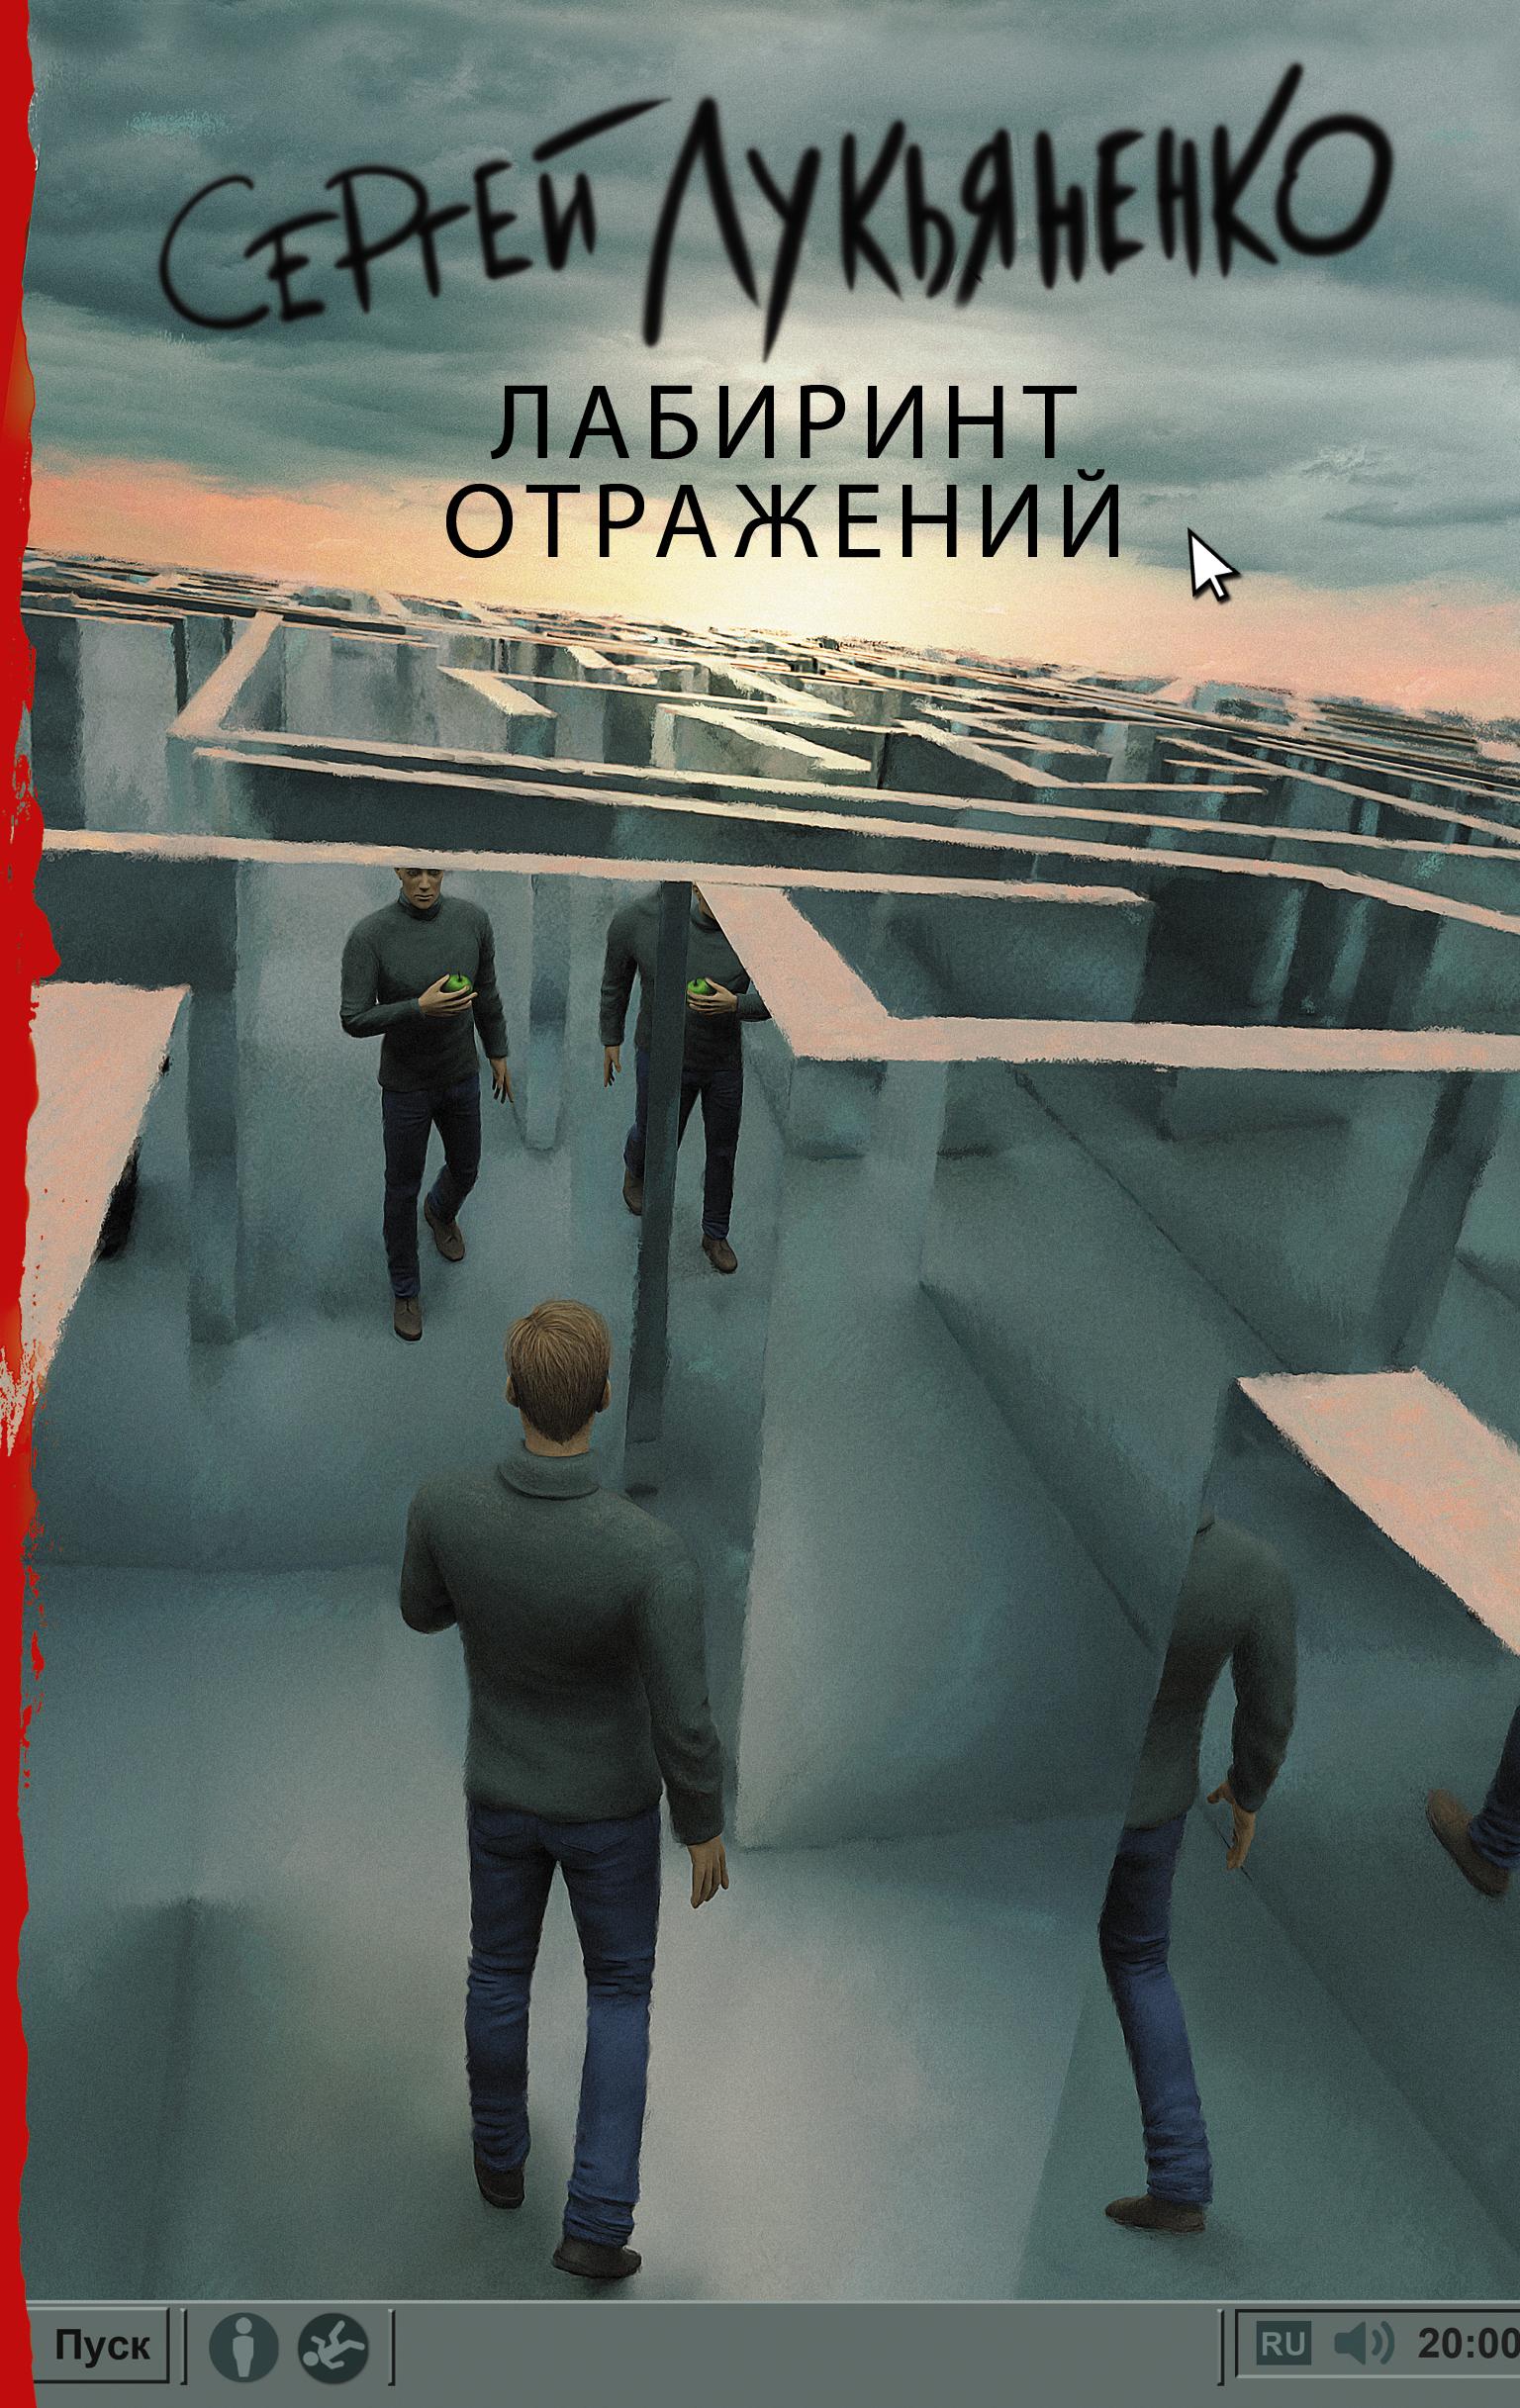 Лукьяненко С.В. Лабиринт отражений книга отражений